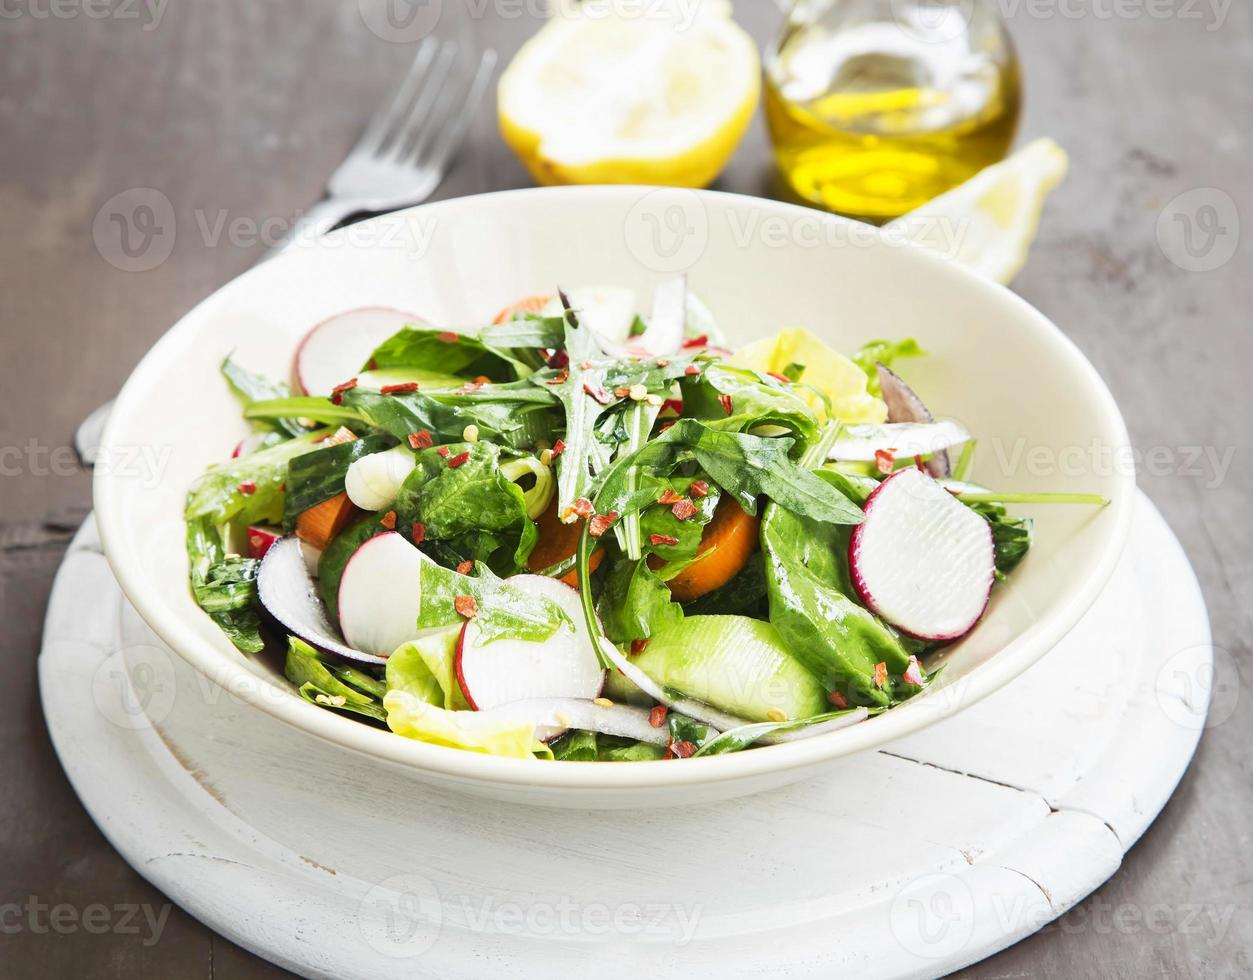 prato de salada de legumes com alface orgânica fresca, rabanete, cenoura foto